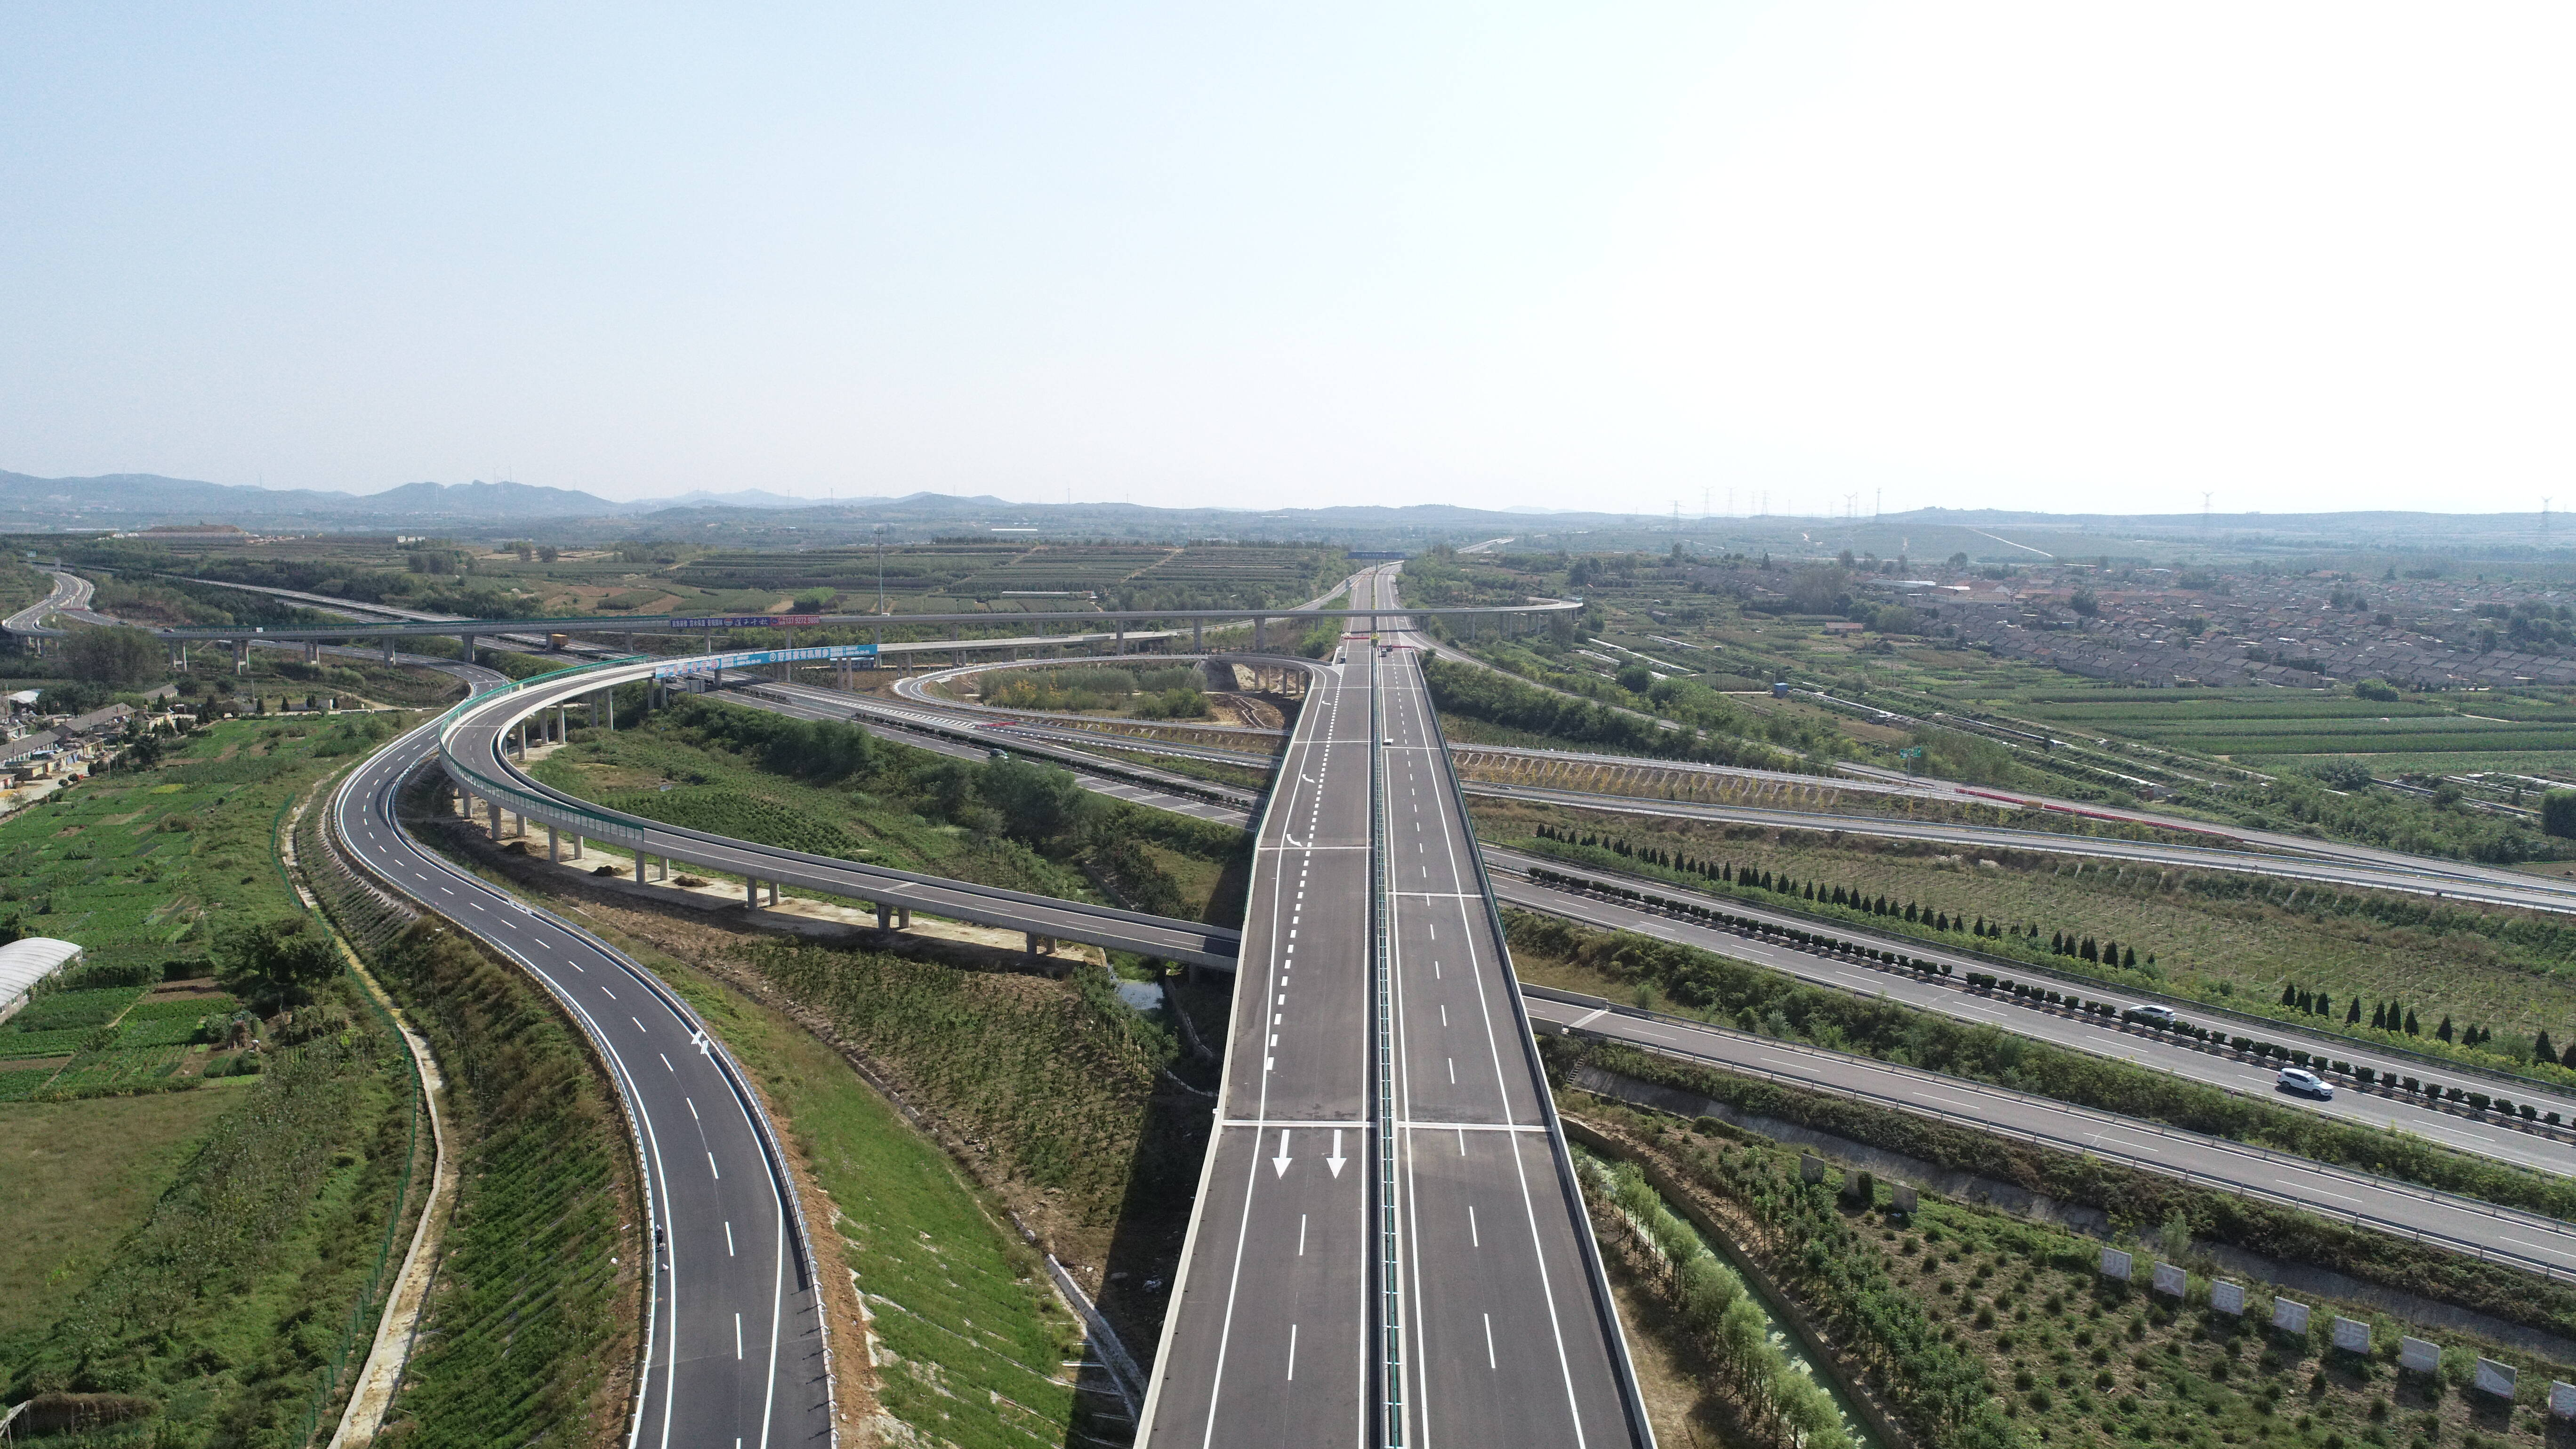 文登至莱阳高速公路通过验收 9月底通车